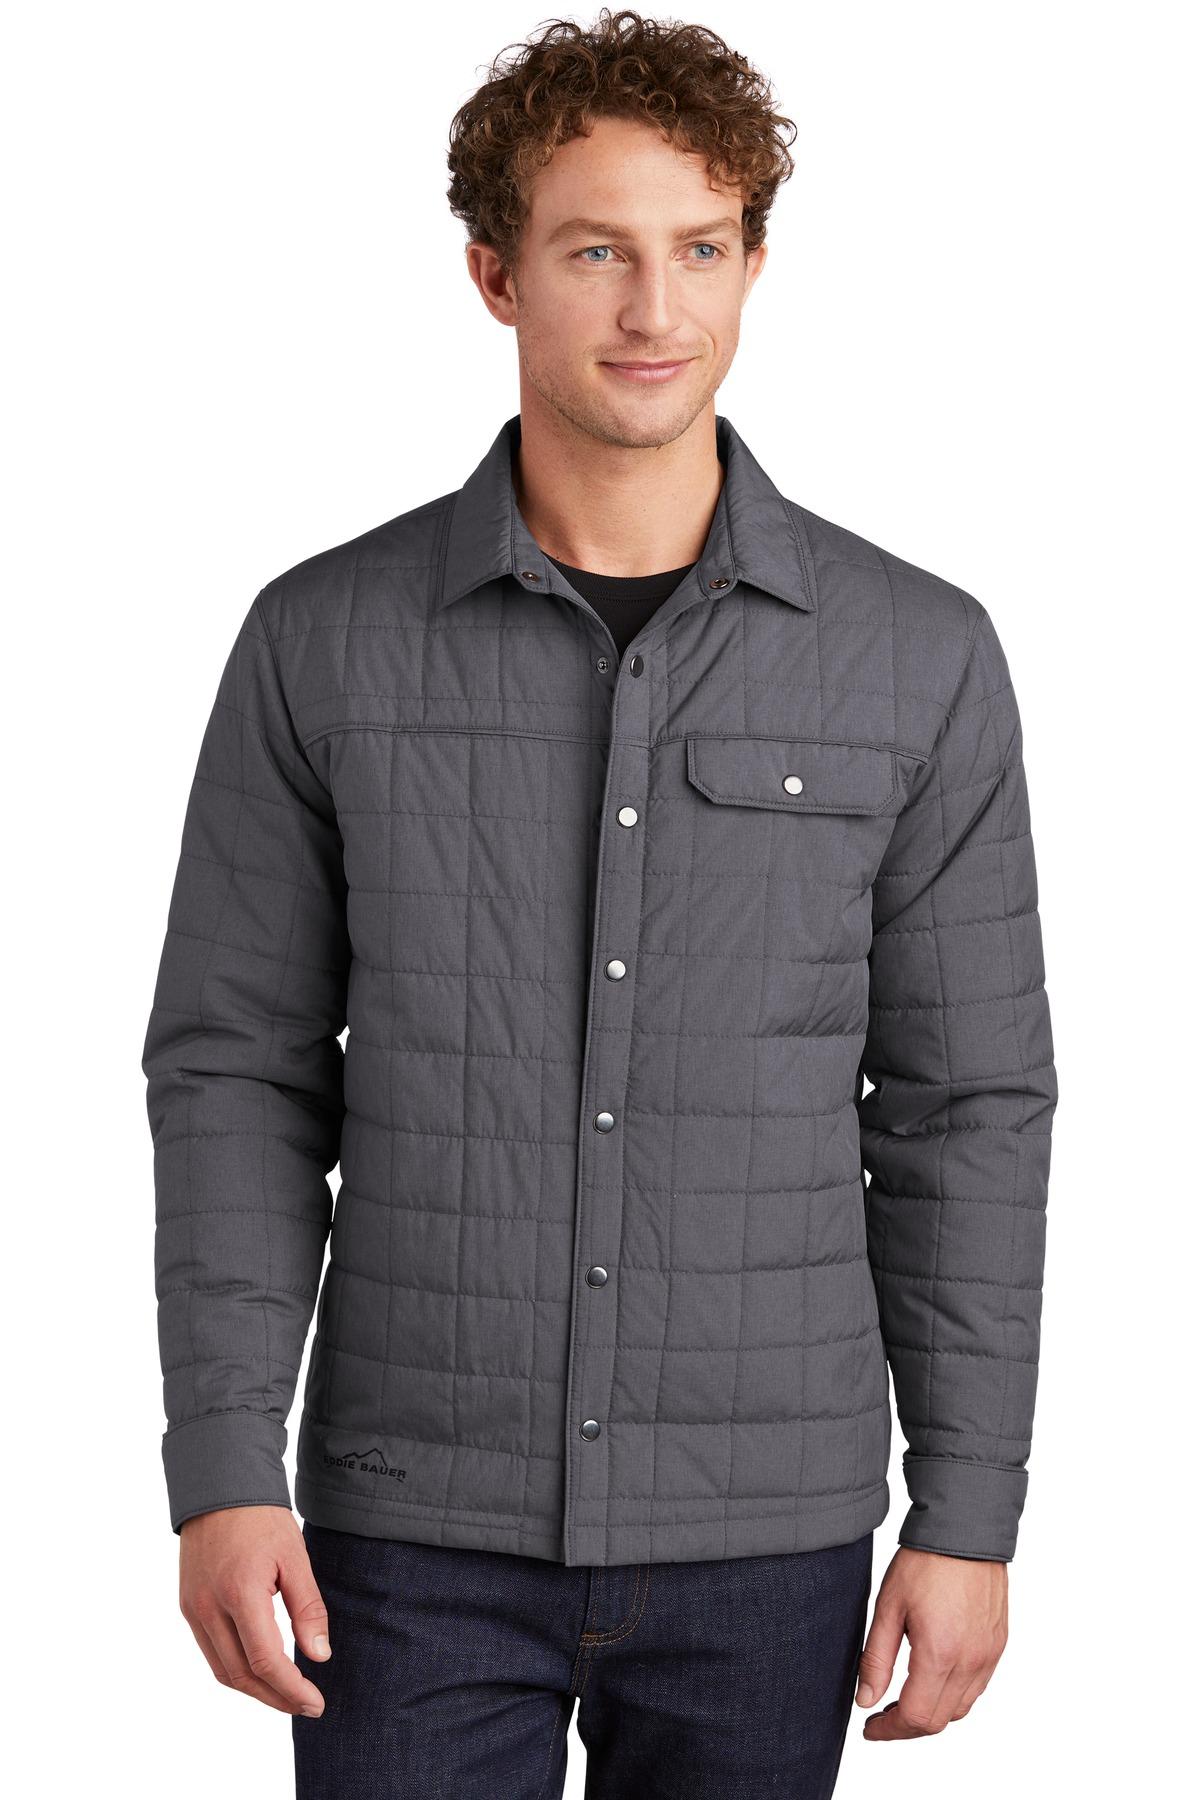 Eddie Bauer ® Shirt Jac.-Eddie Bauer